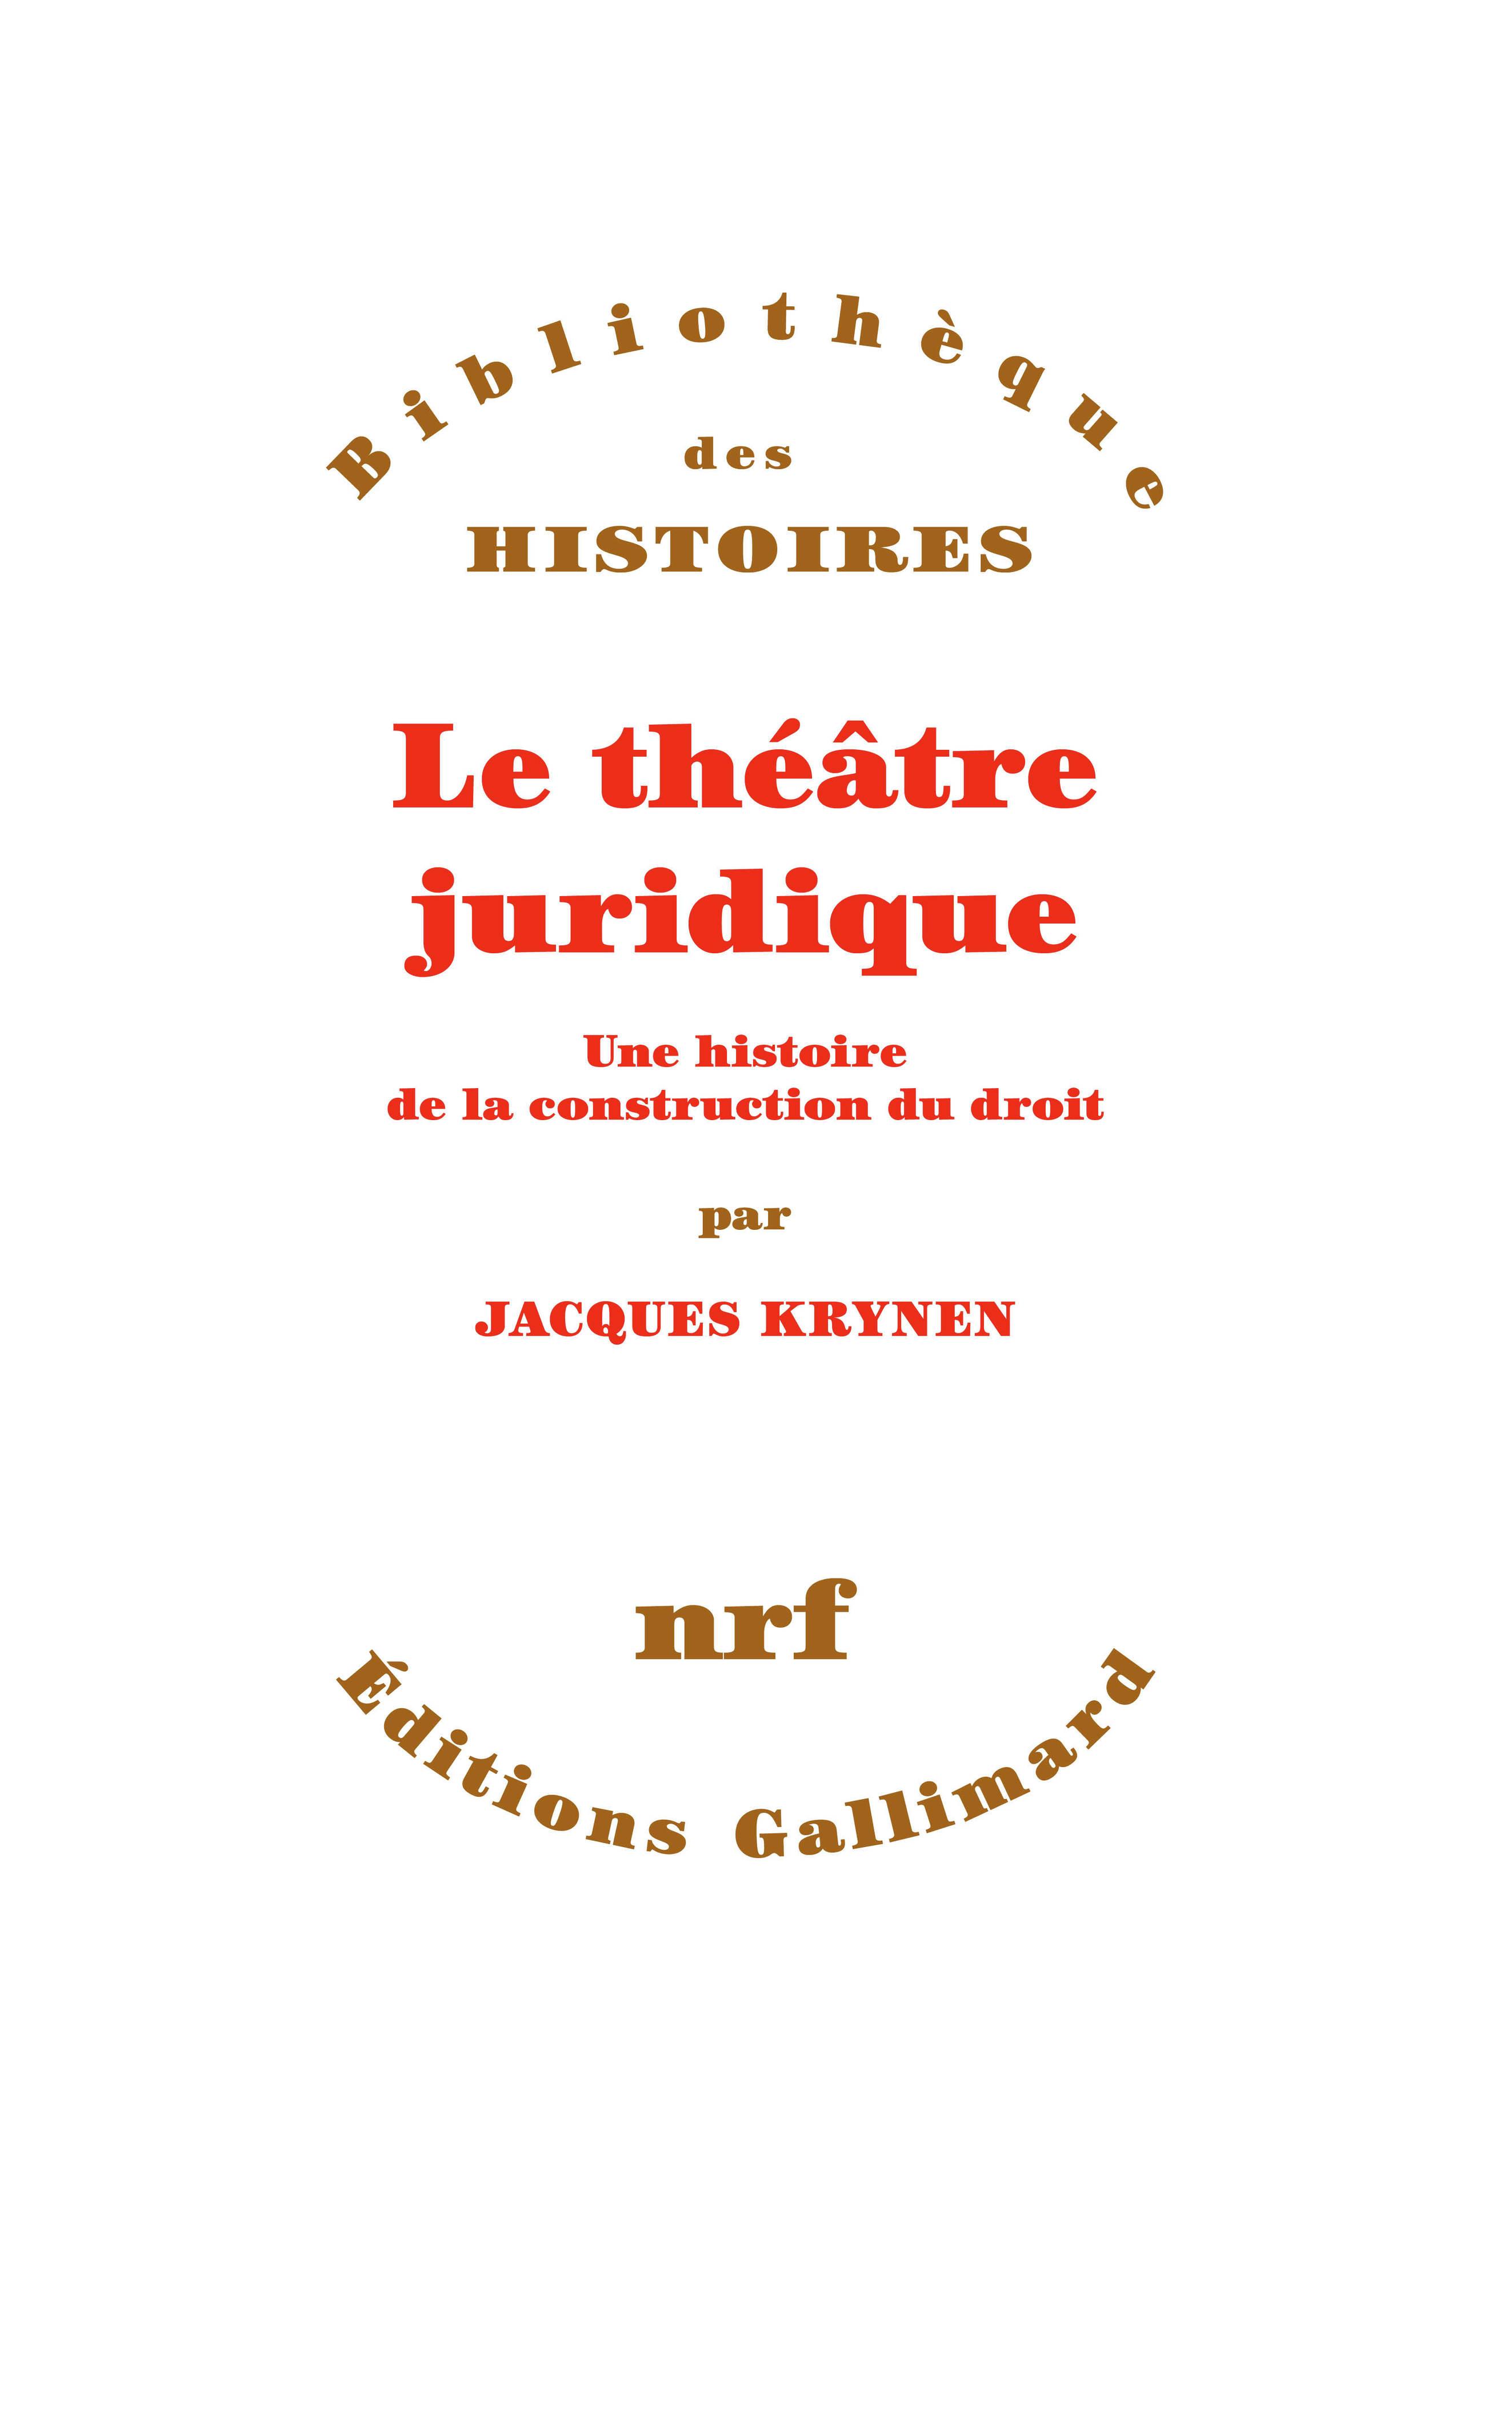 J. Krynen, Le théâtre juridique. Une histoire de la construction du droit